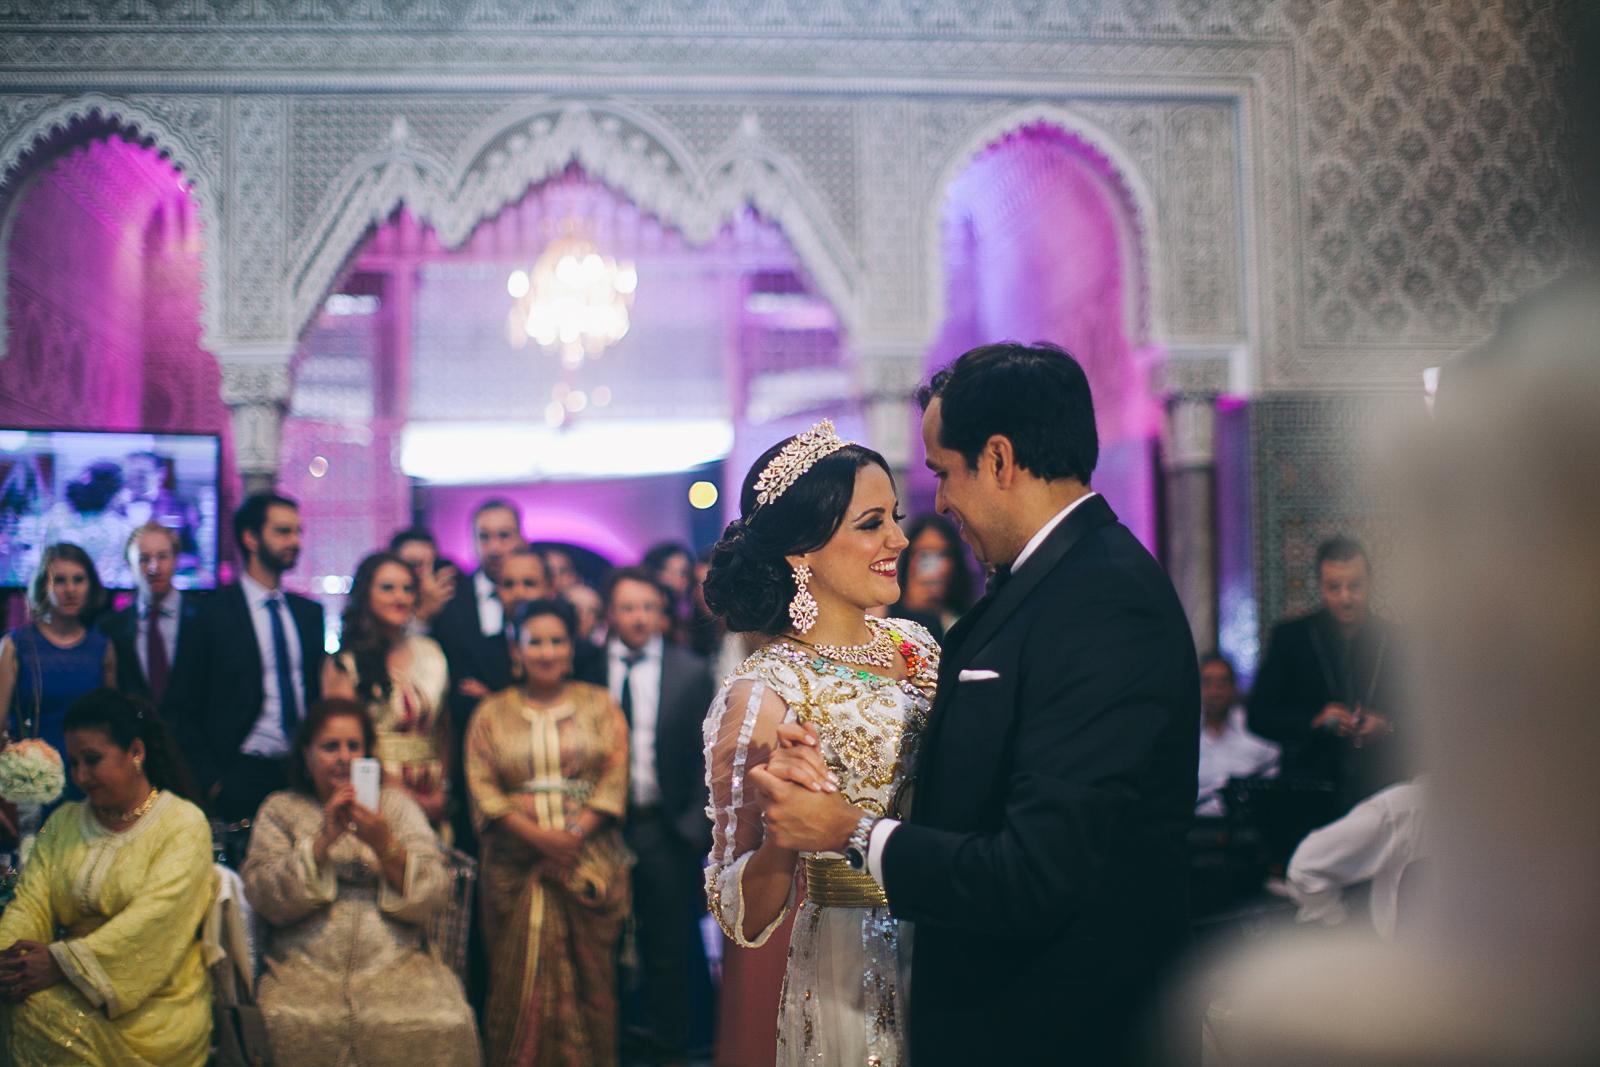 traditional_moroccan_wedding_photographry_casablanca_morocco_houda_vivek_ebony_siovhan_bokeh_photography_168.jpg